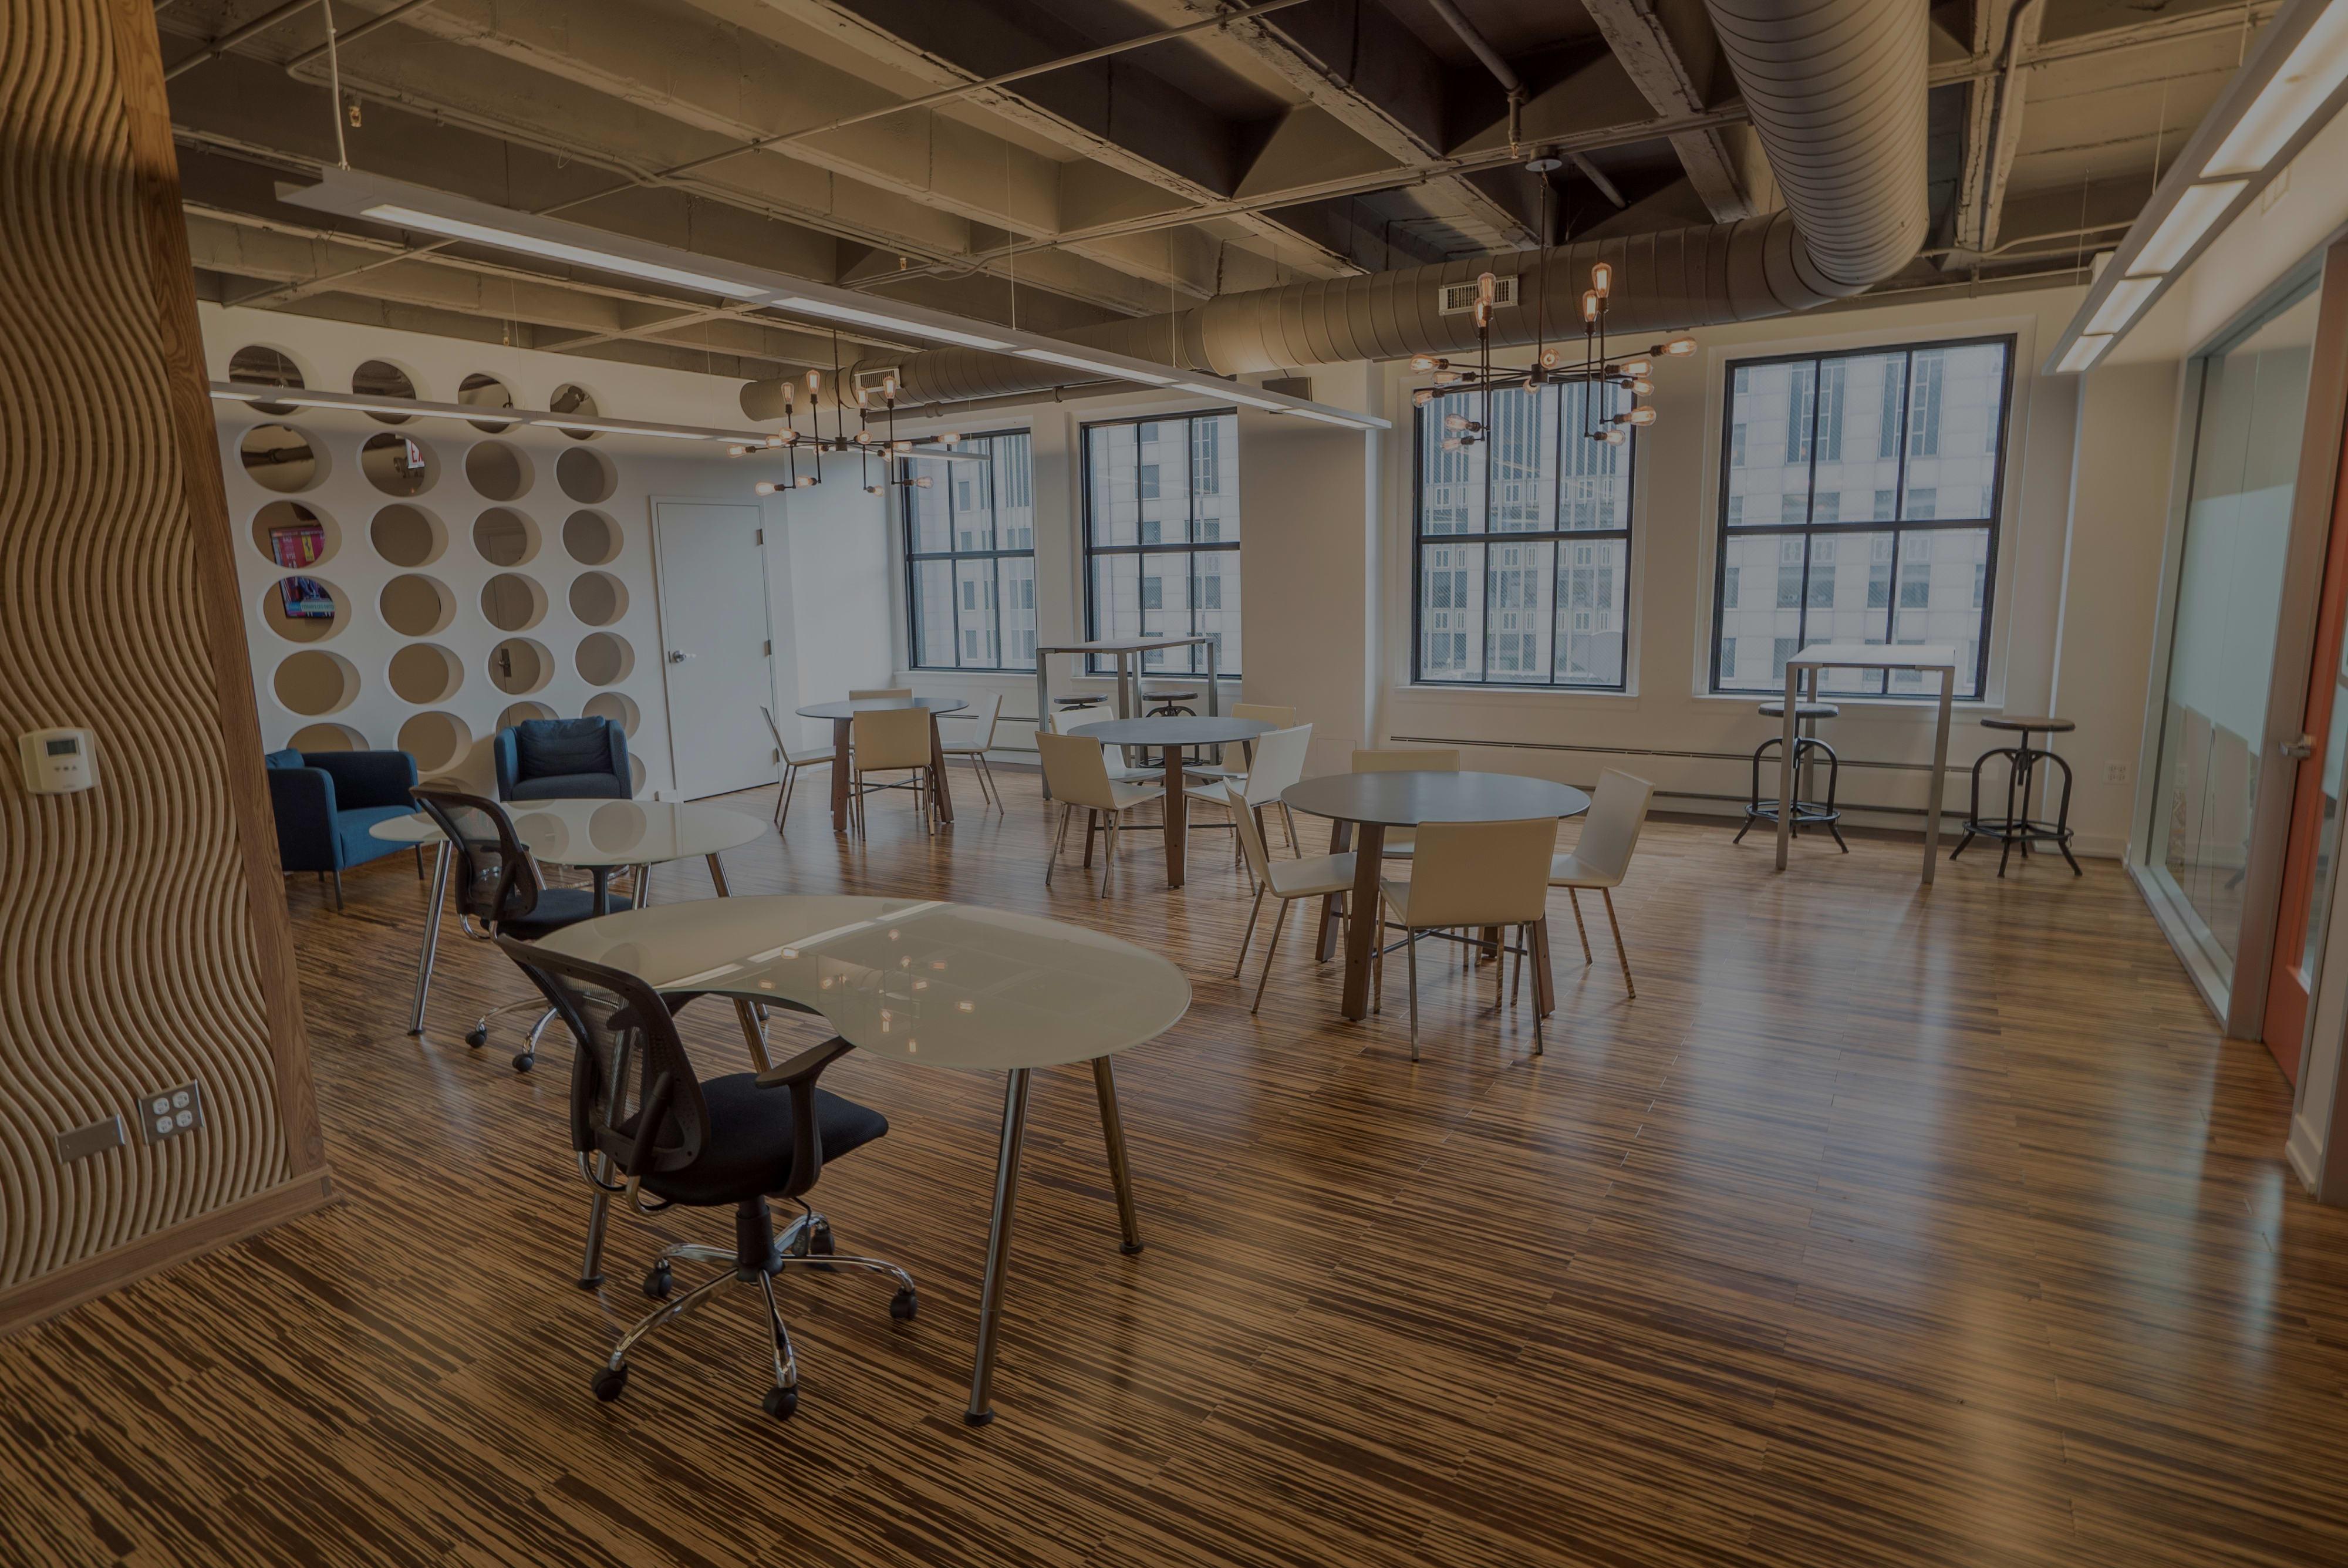 Unique discussion spaces for rent | Santa Monica, CA | Peerspace